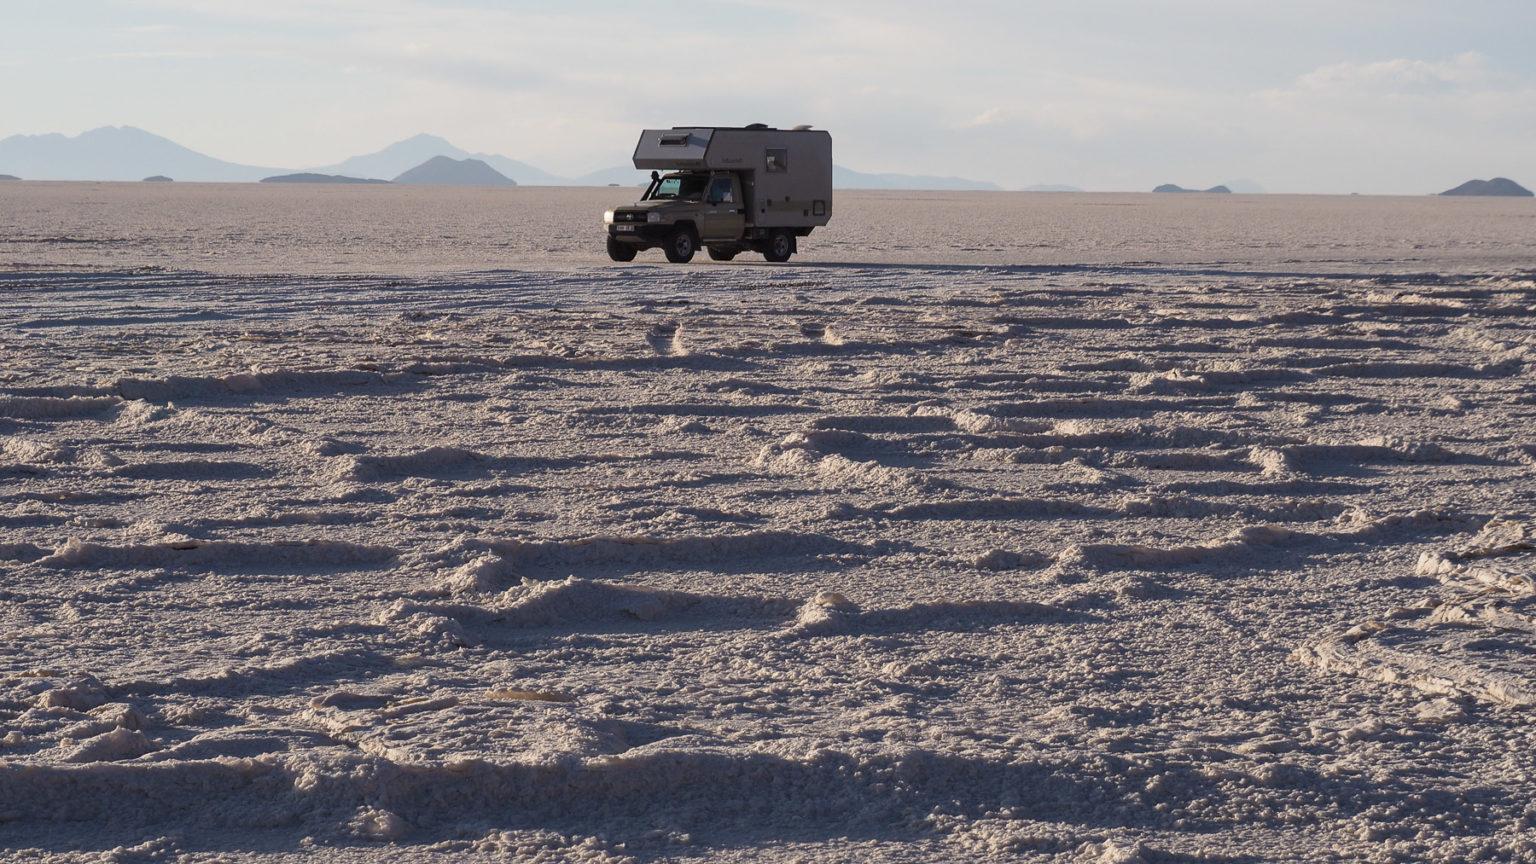 Wir stehen auf einer dicken Salzschicht auf Wasser